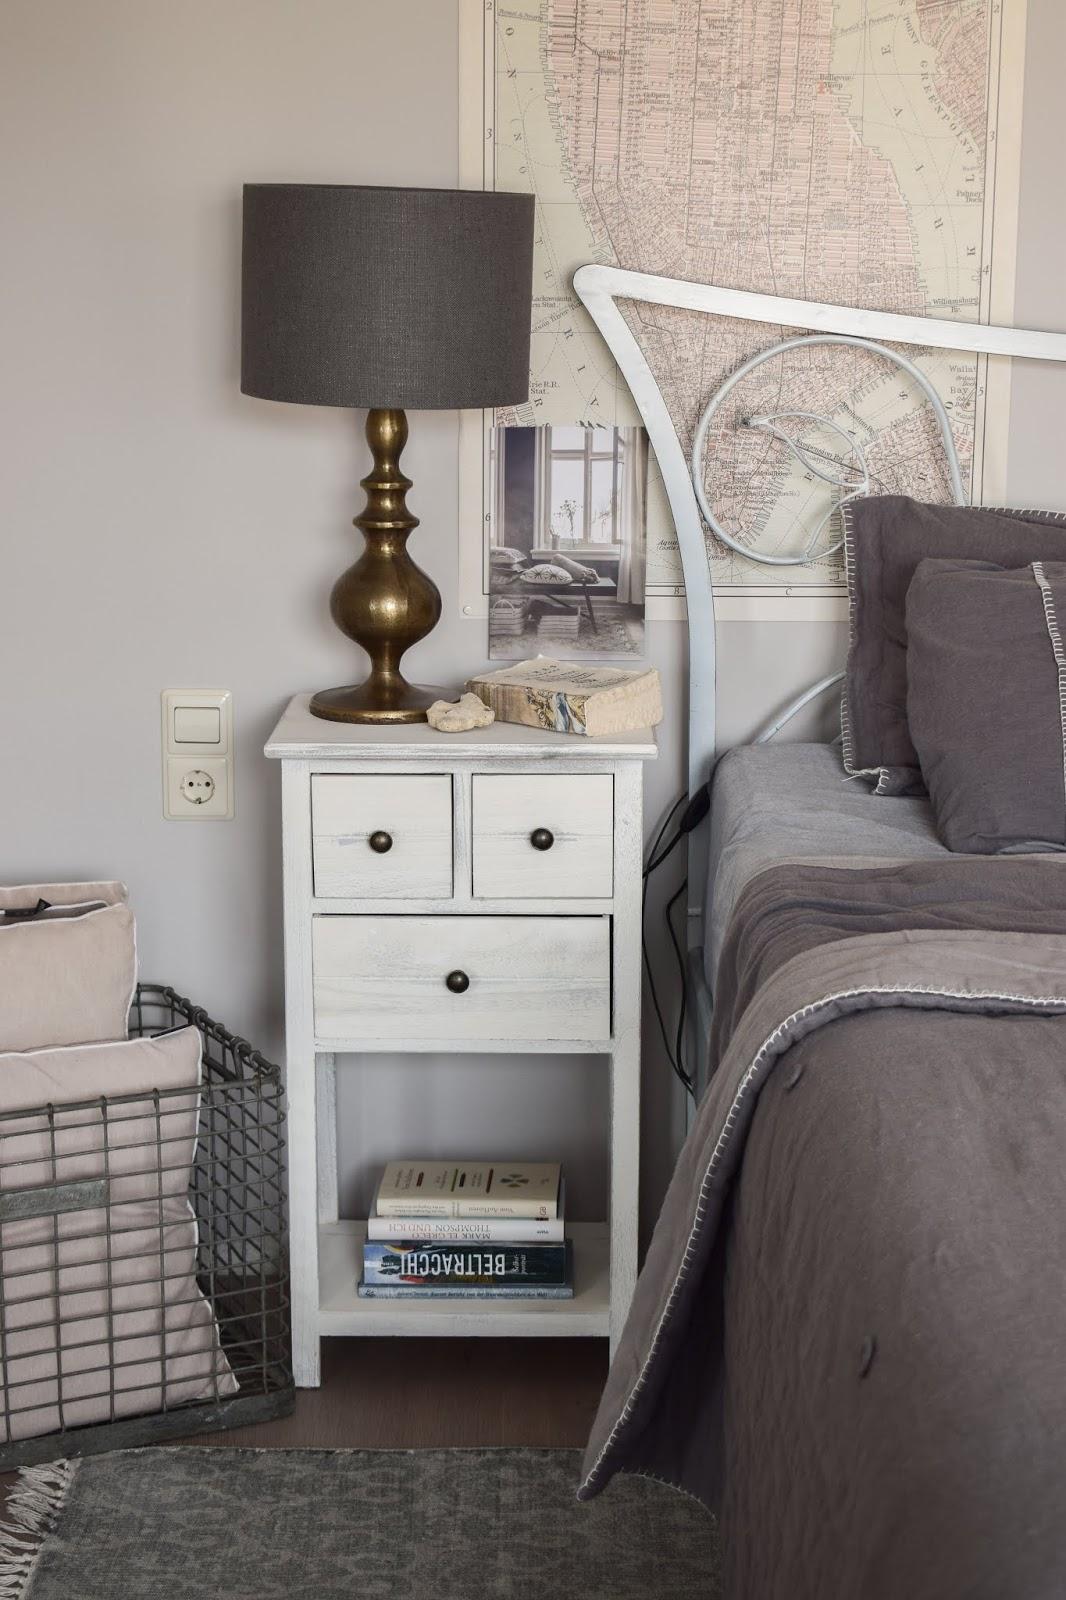 Nachttische finden für Schlafzimmer: Ratgeber für günstige bezahlbare Nachttische Deko Dekoidee